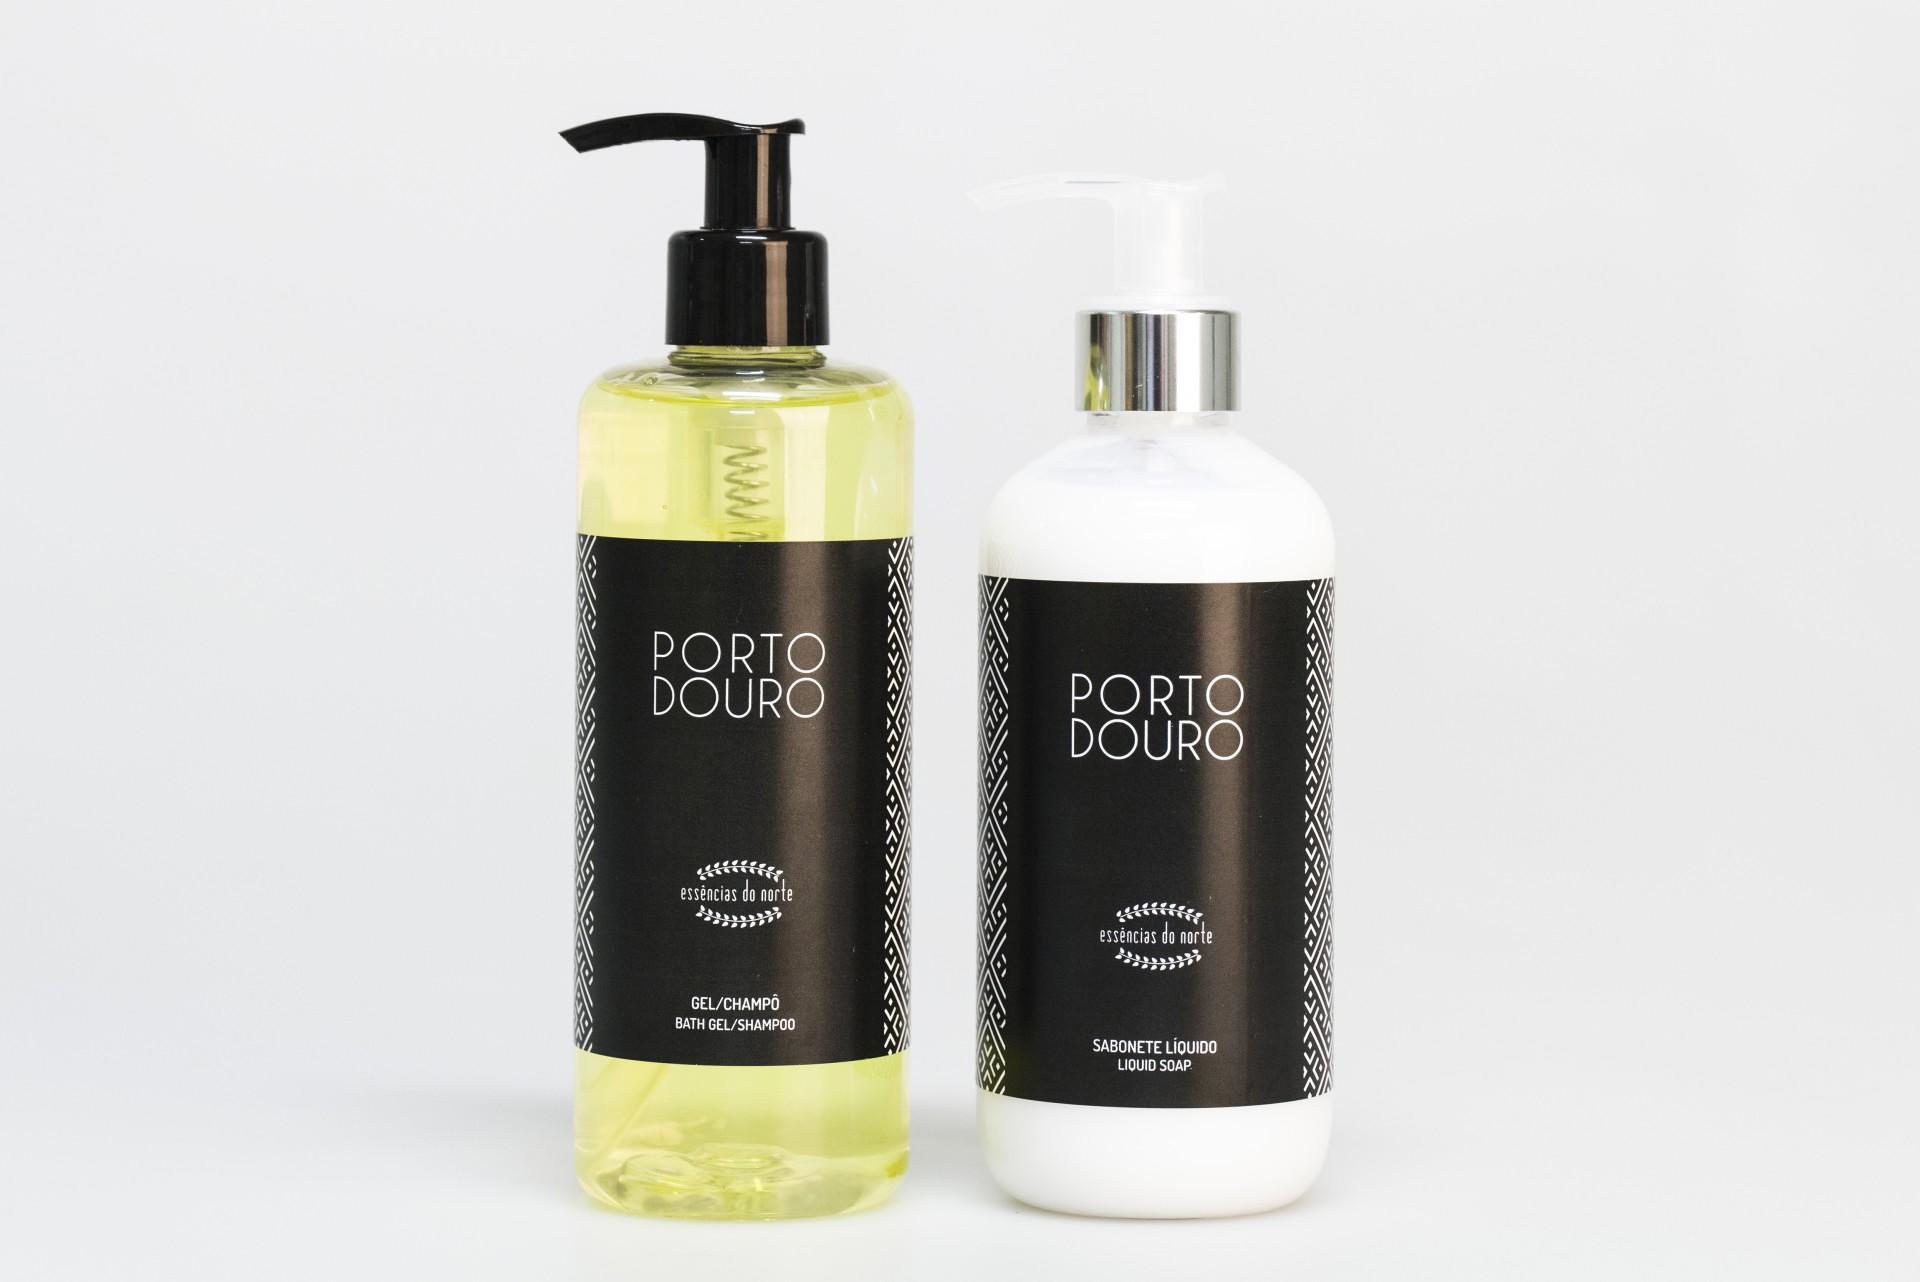 Doseador 300 ml champo/gel banho Porto Douro